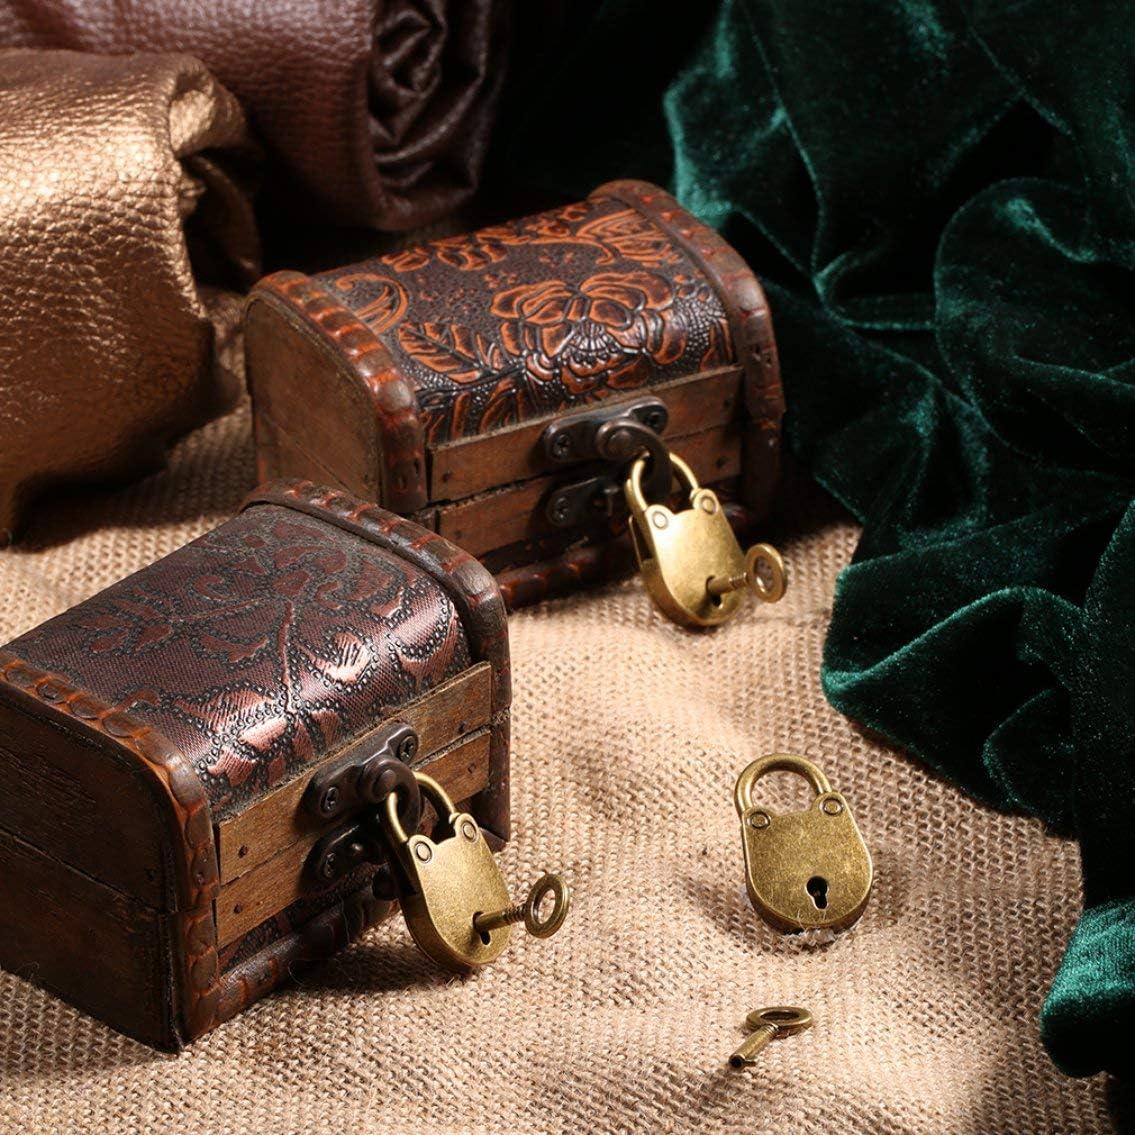 Panamami 3 Unids//set Chapado En Bronce Antiguo Estilo Chino Candado De La Vendimia Caja De Cofre De La Joyer/ía Bloqueo Del Cuaderno Candado Cintur/ón De Equipaje Con Llaves//Bronce